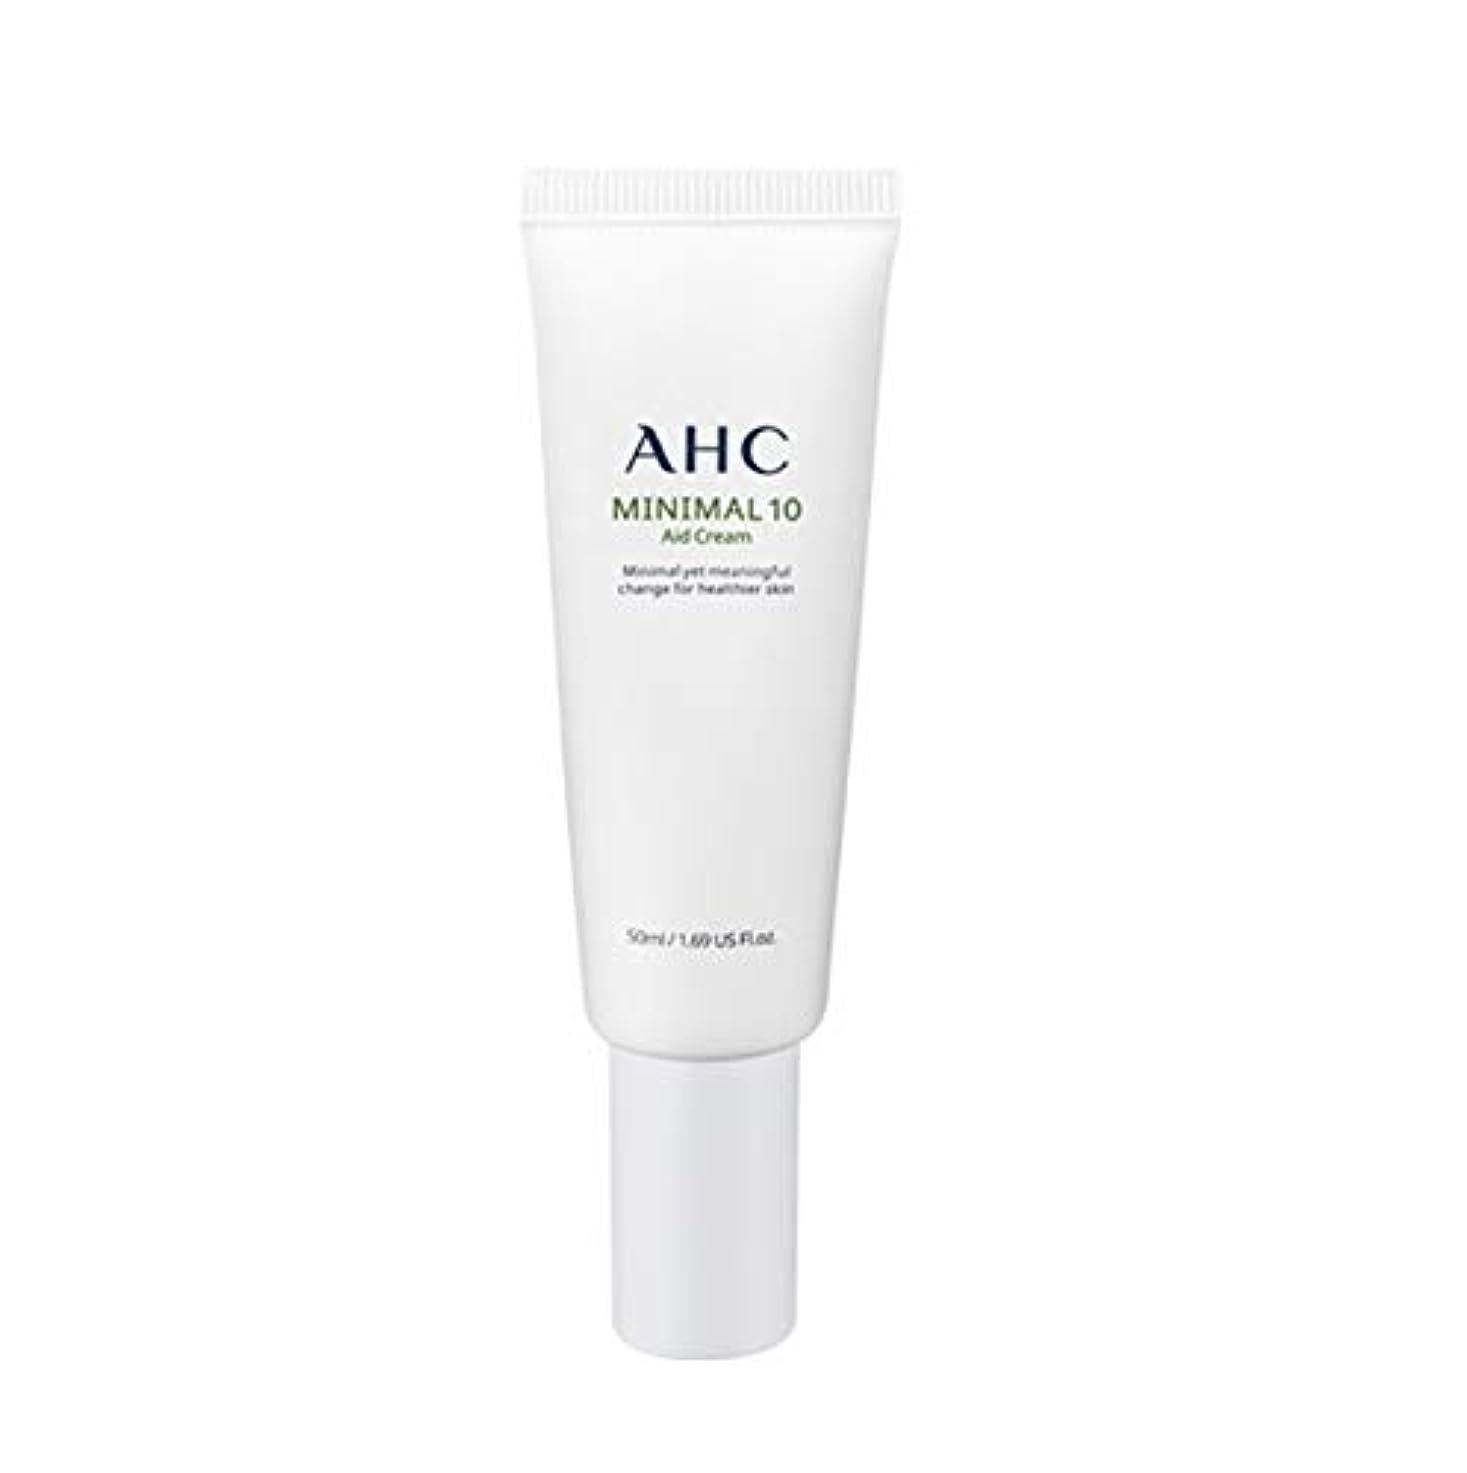 不名誉なバルブ磁石AHC ミニマル10エイドクリーム 50ml / AHC MINIMAL 10 AID CREAM 50ml [並行輸入品]